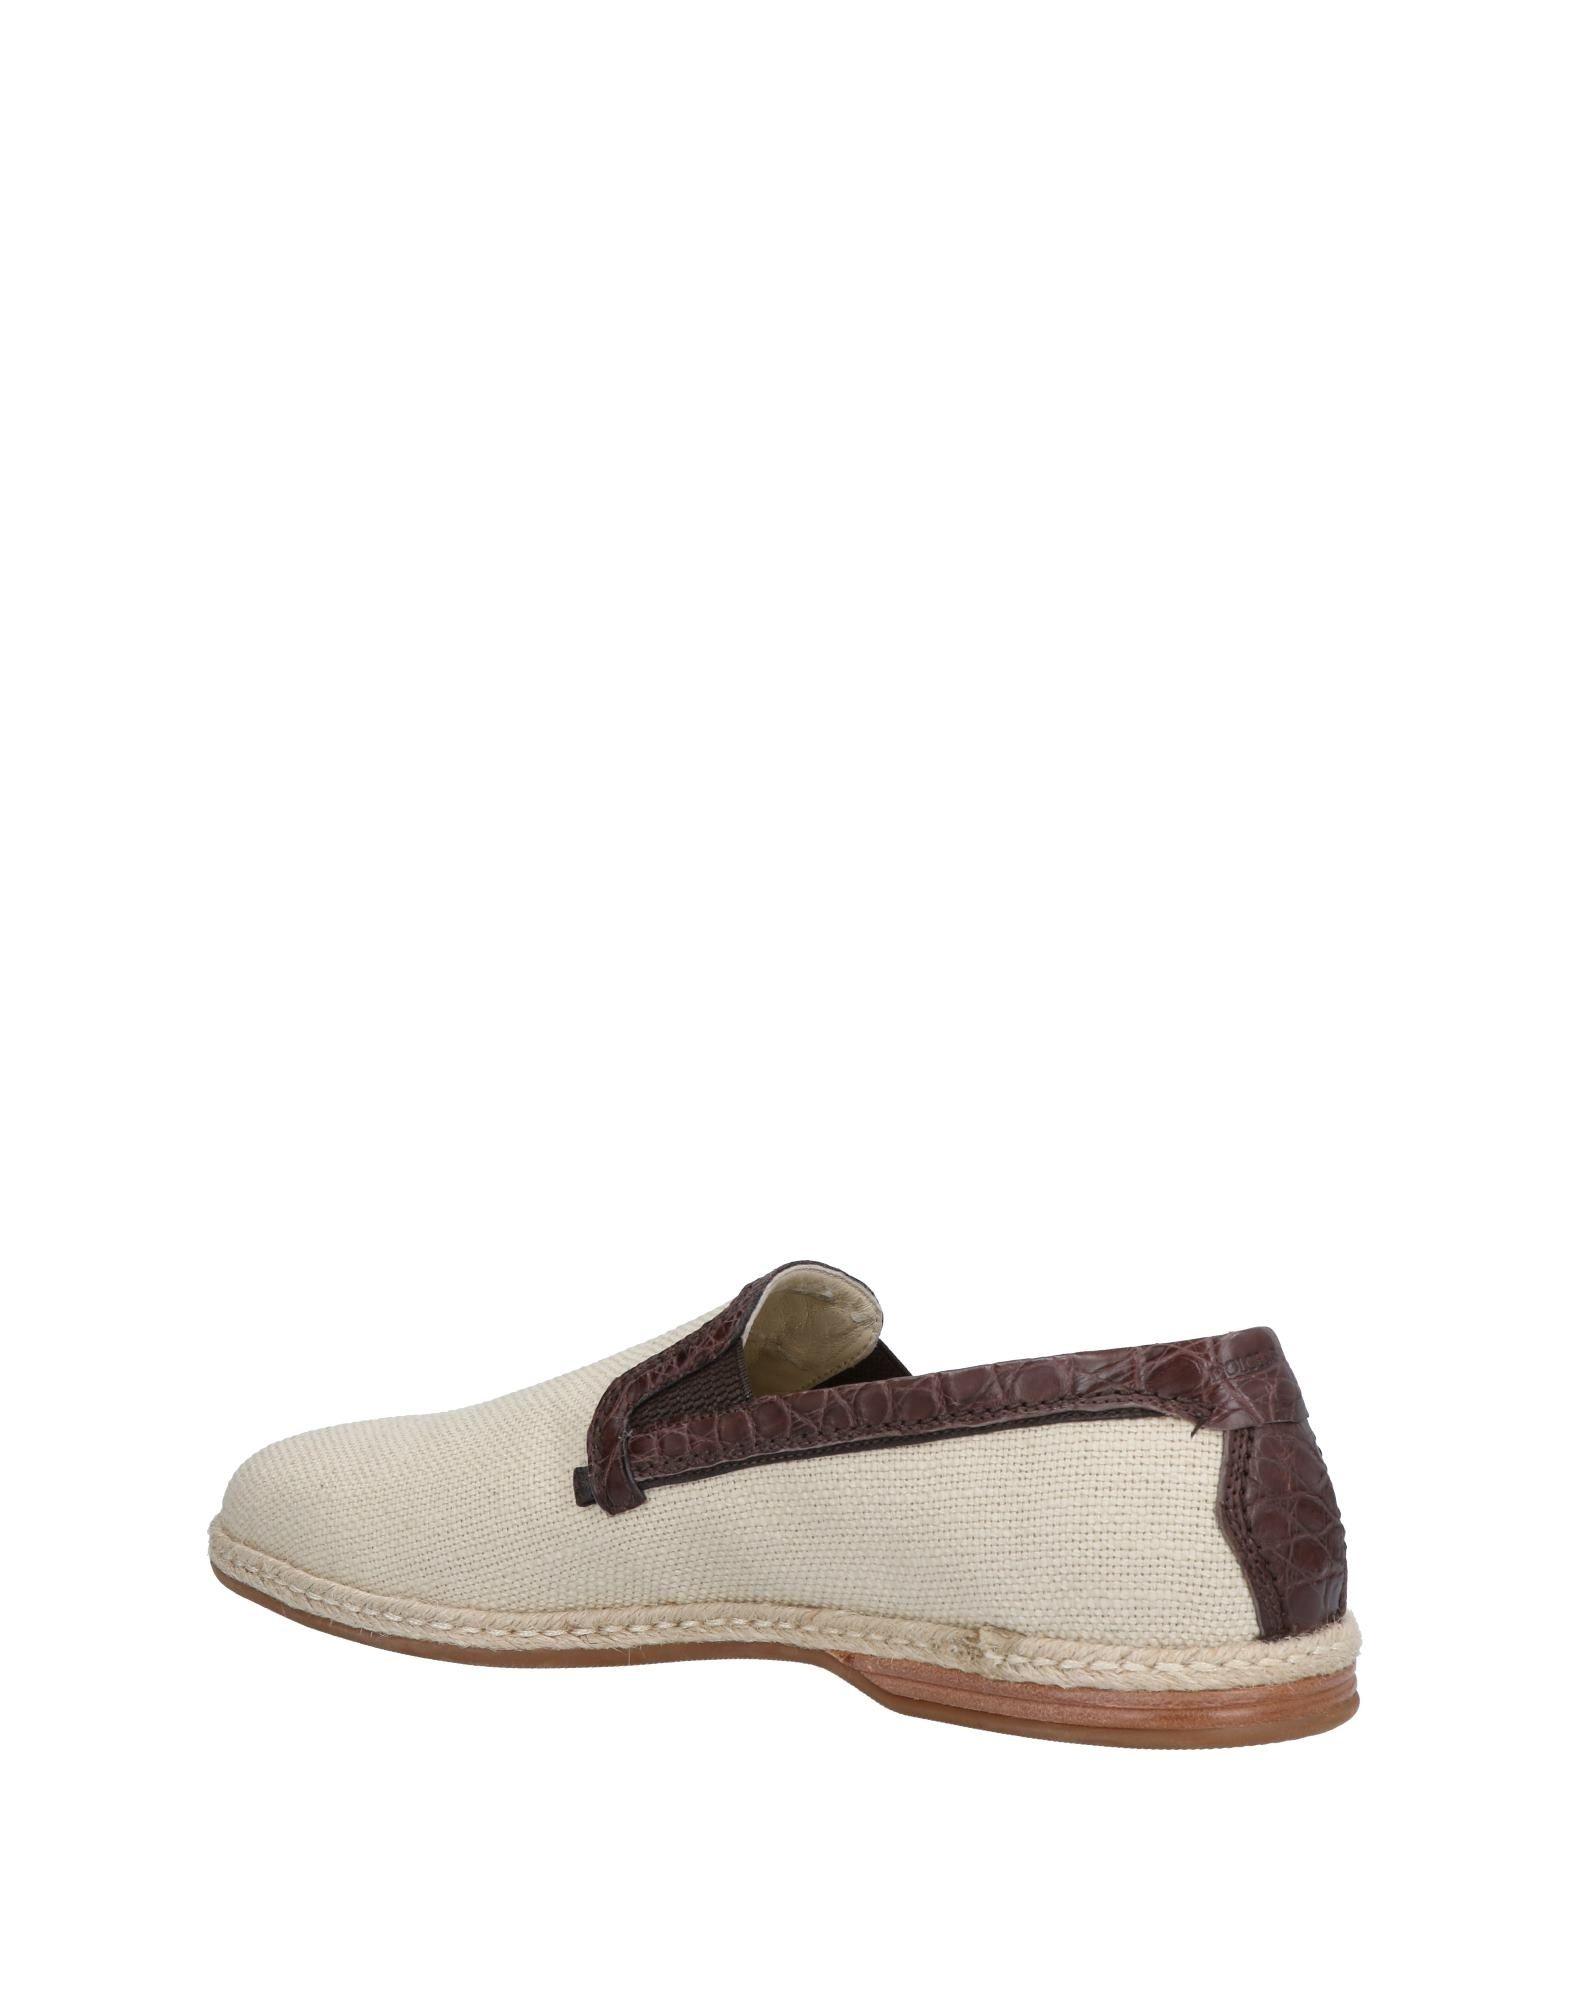 Dolce & Herren Gabbana Mokassins Herren &  11487987AR Neue Schuhe 2e18aa